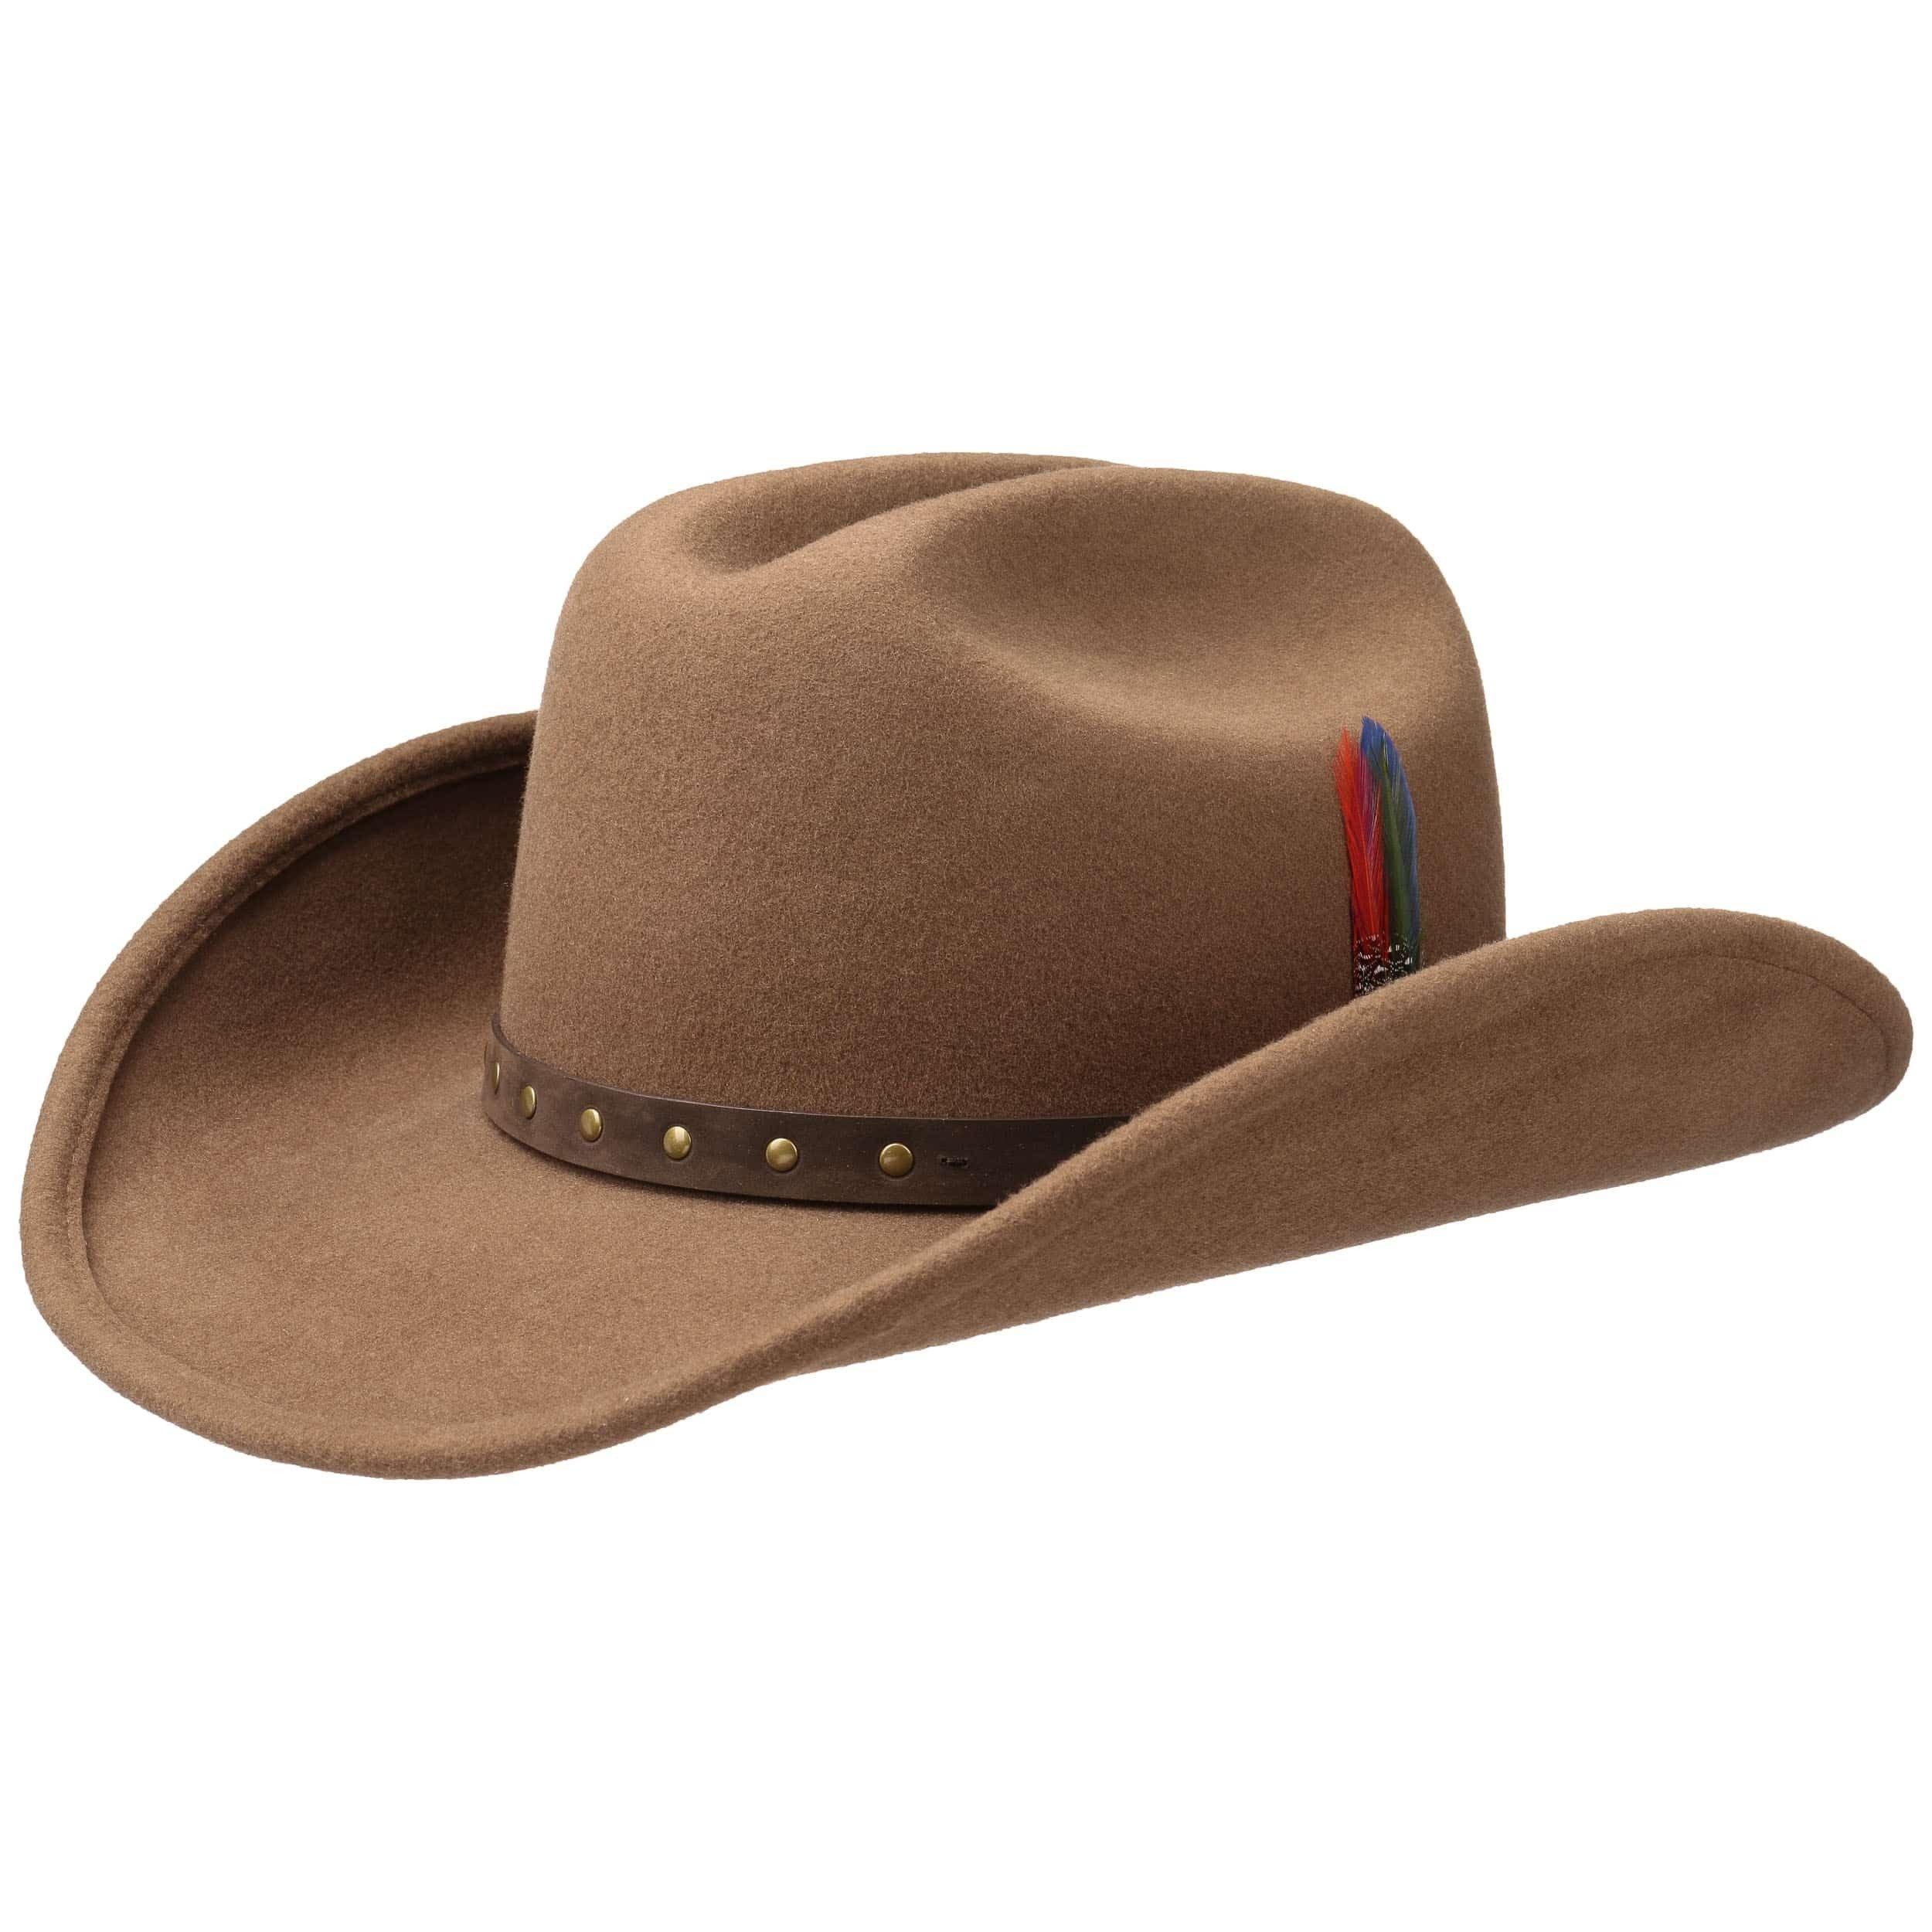 Neueste Mode Online-Verkauf neue bilder von Batson Cattleman Westernhut by Stetson